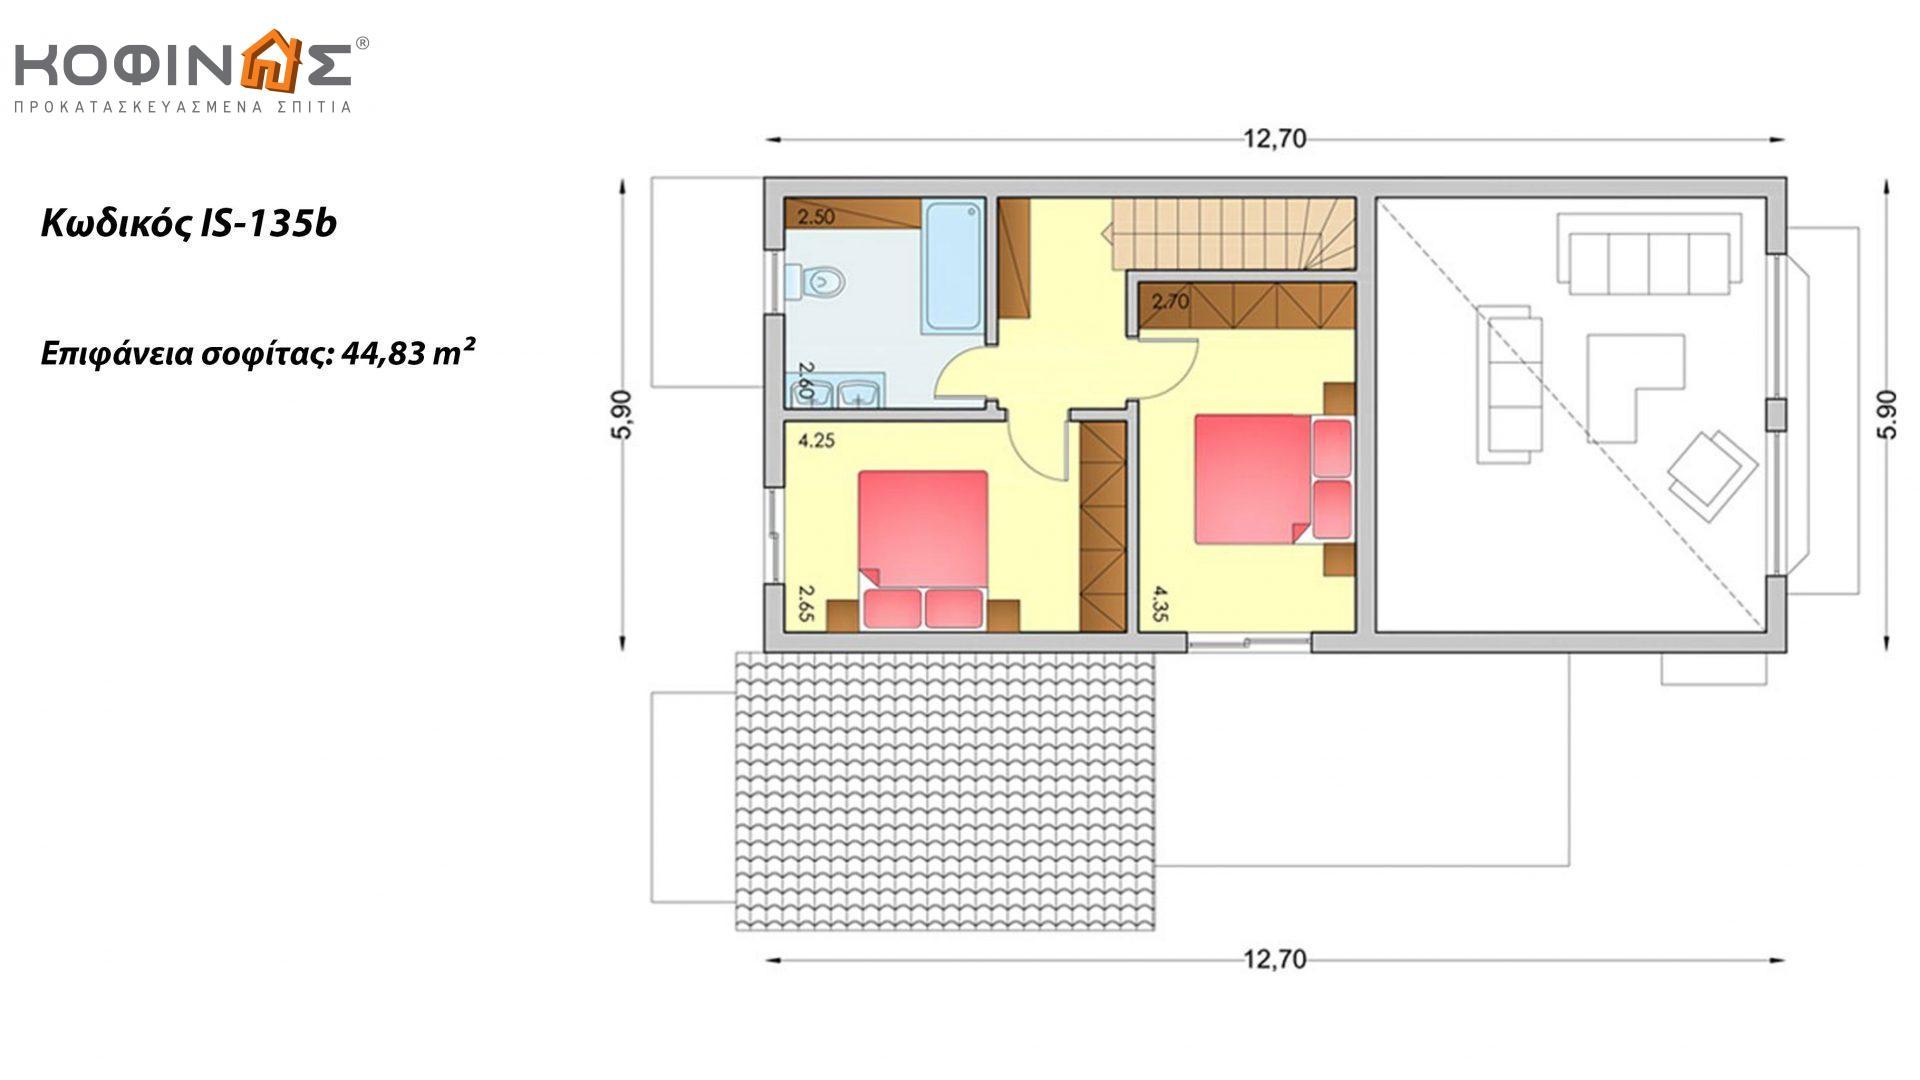 Ισόγεια Κατοικία με Σοφίτα IS-135b, συνολικής επιφάνειας 135,25 τ.μ. ,συνολική επιφάνεια στεγασμένων χώρων 26,00 τ.μ.